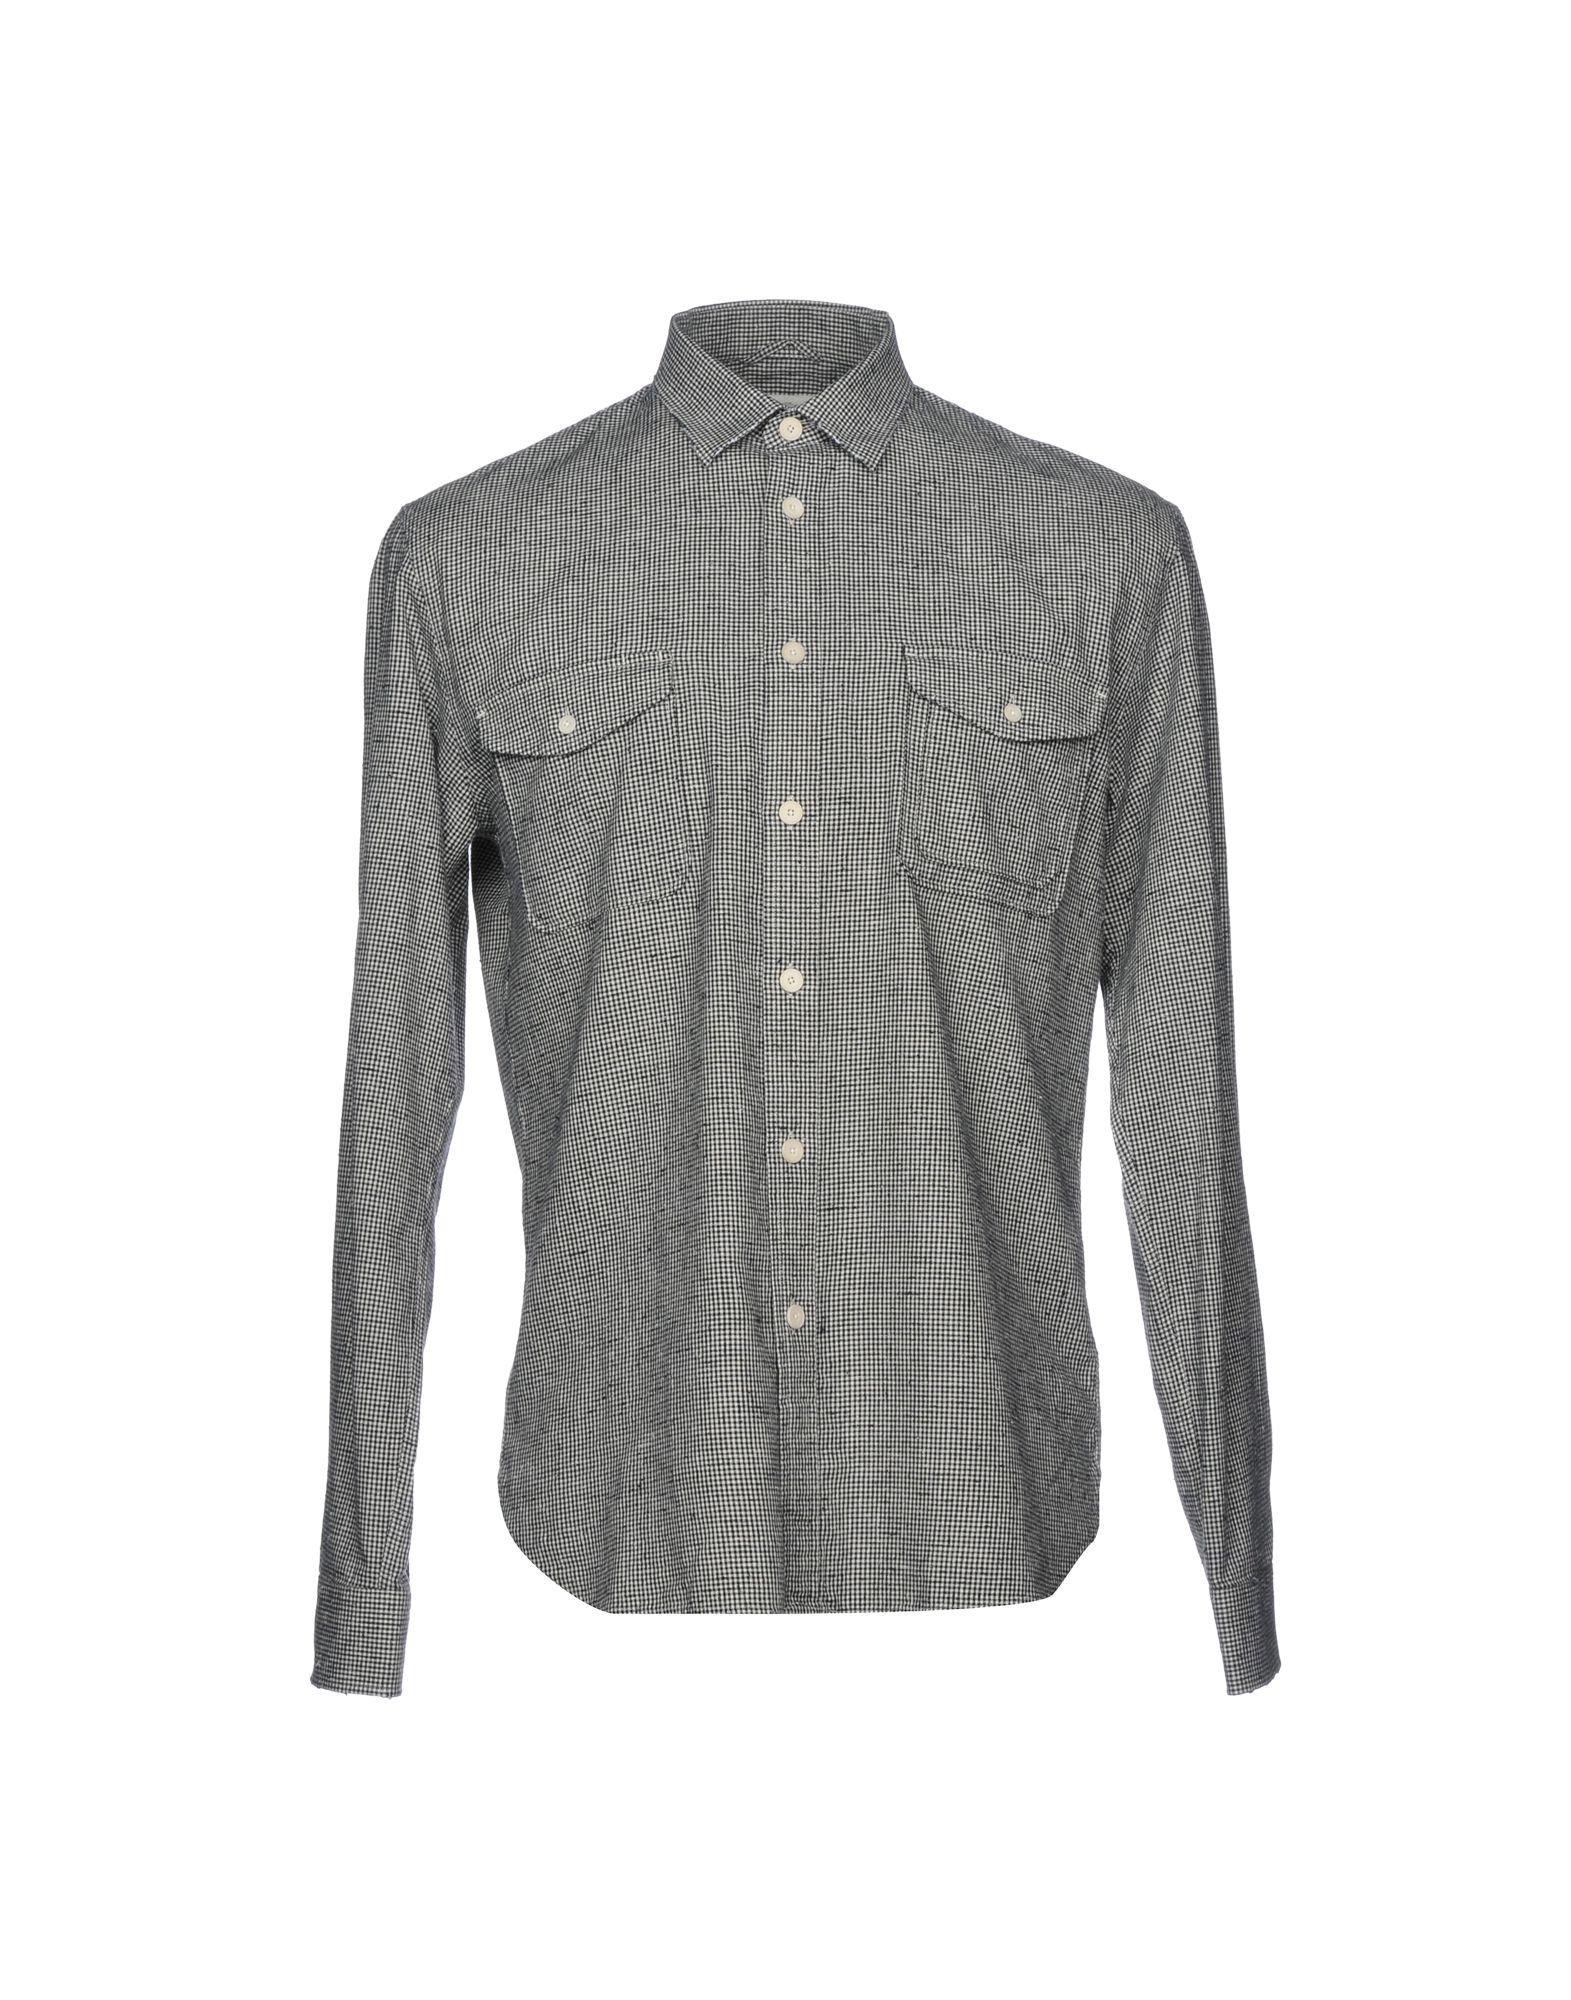 《送料無料》KENT & CURWEN メンズ シャツ ダークブルー XS コットン 100%